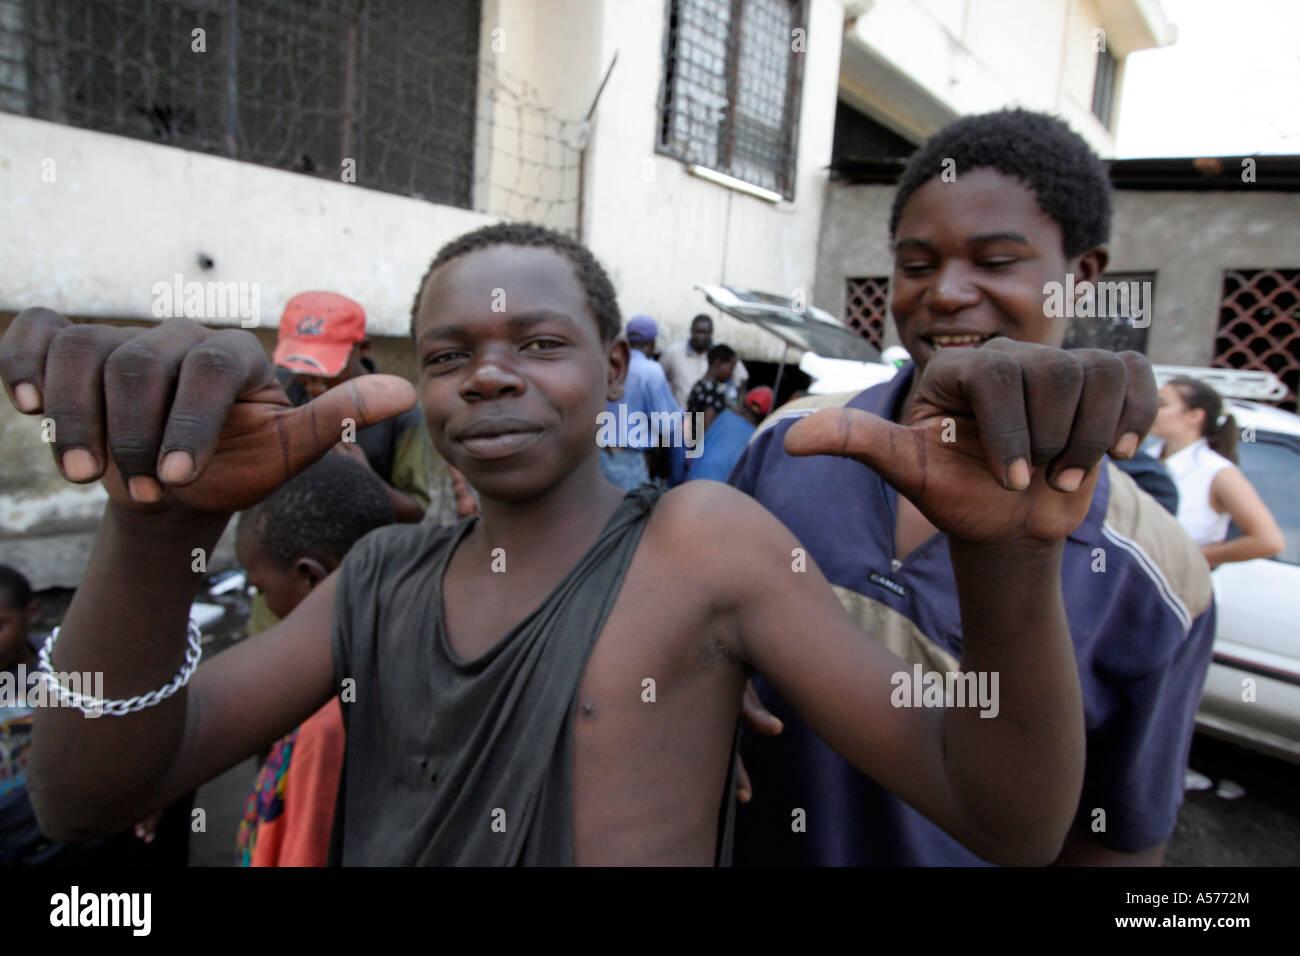 Painet jb1335 kenya mombasa street kids inhaler de la colle l'Afrique drogues les enfants enfant kid garçon Photo Stock